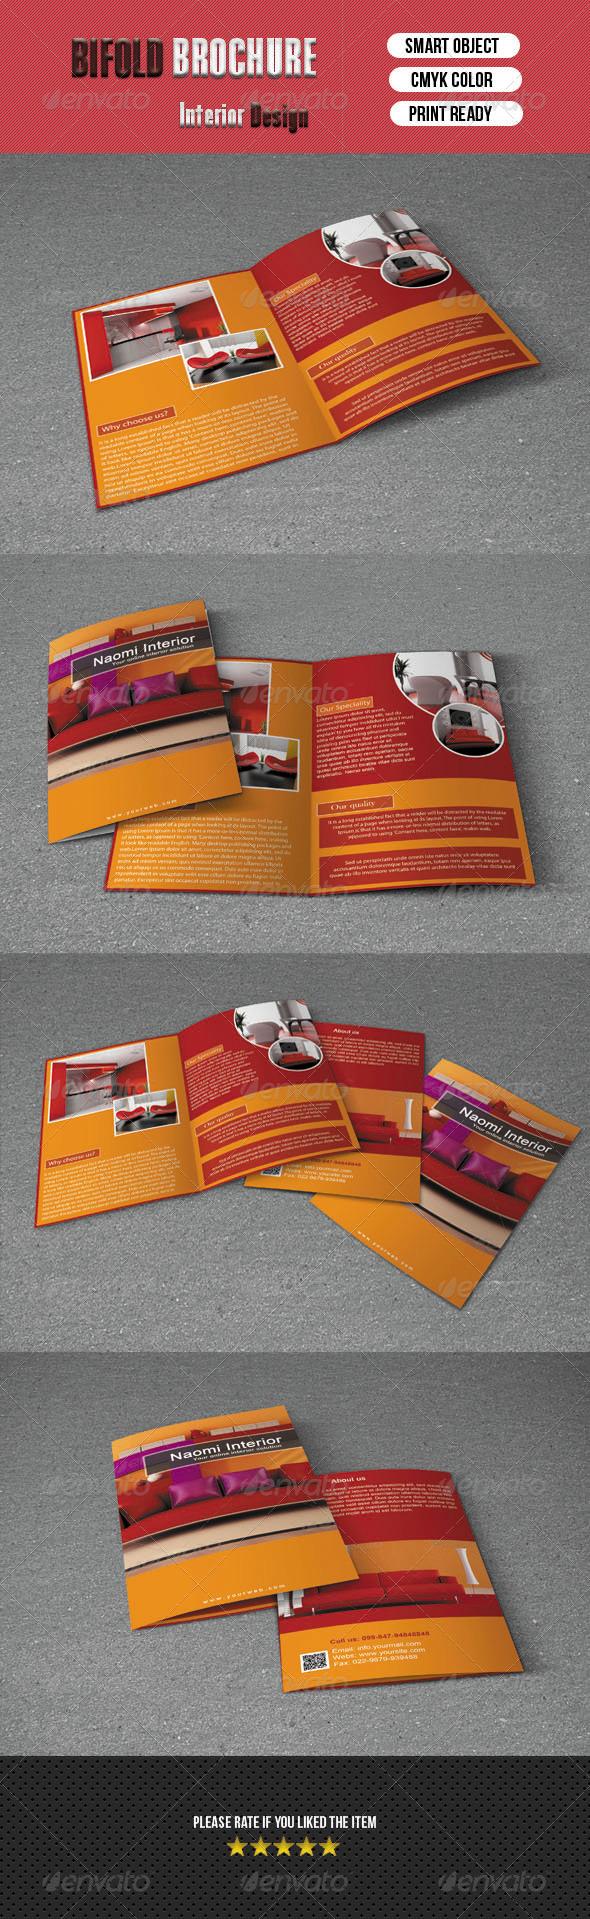 GraphicRiver Bifold Brochure- Interior Design 5828804